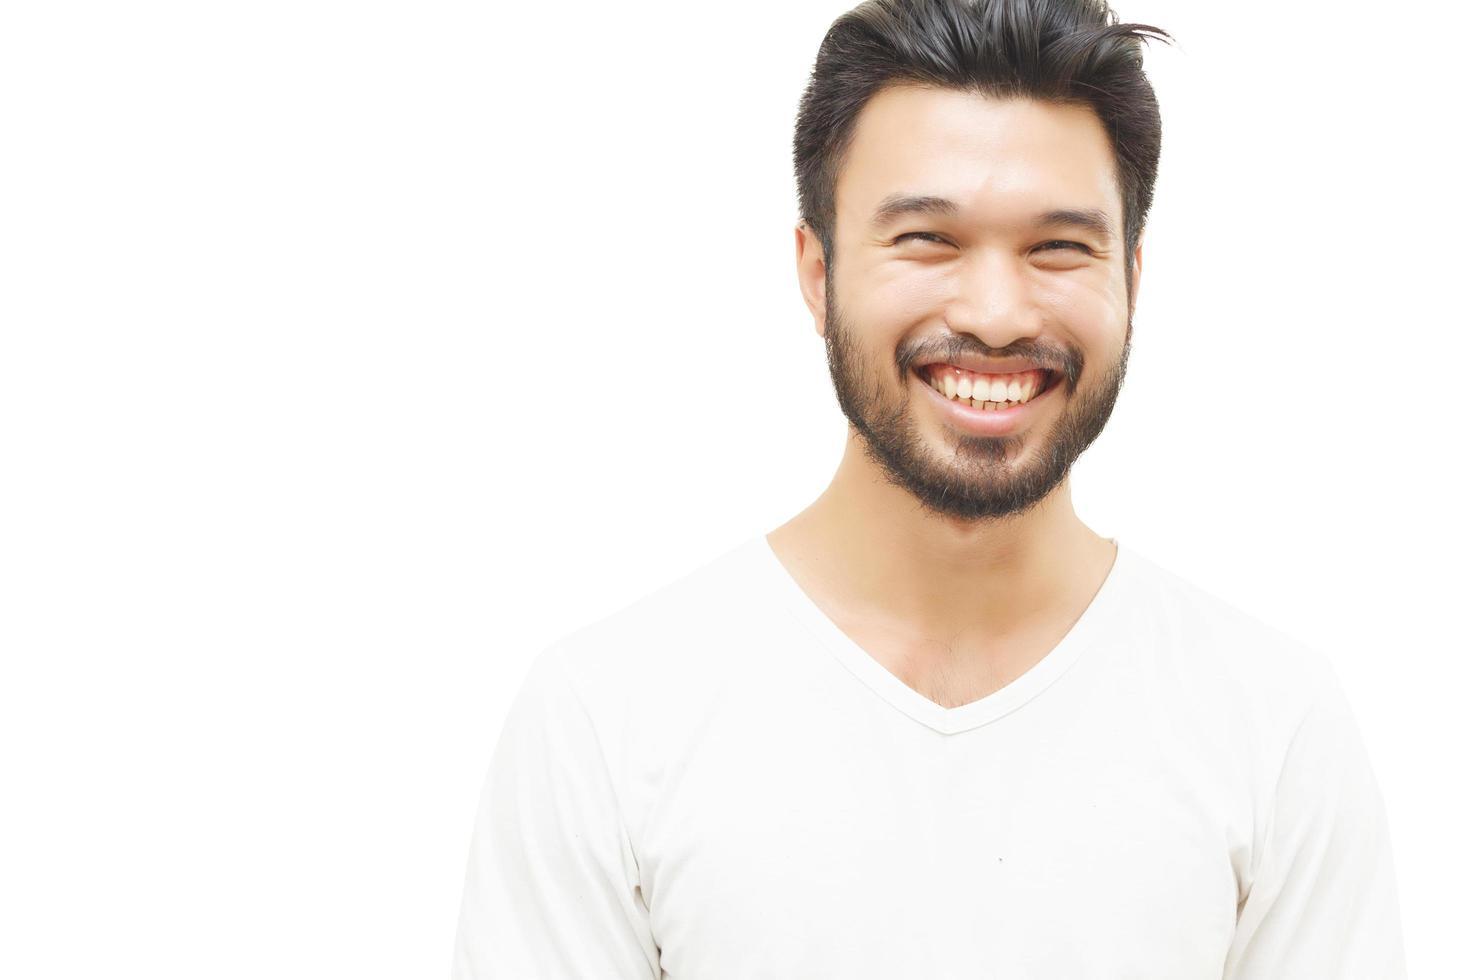 asiatischer Mann lächelnd und lachend lokalisiert auf weißem Hintergrund foto